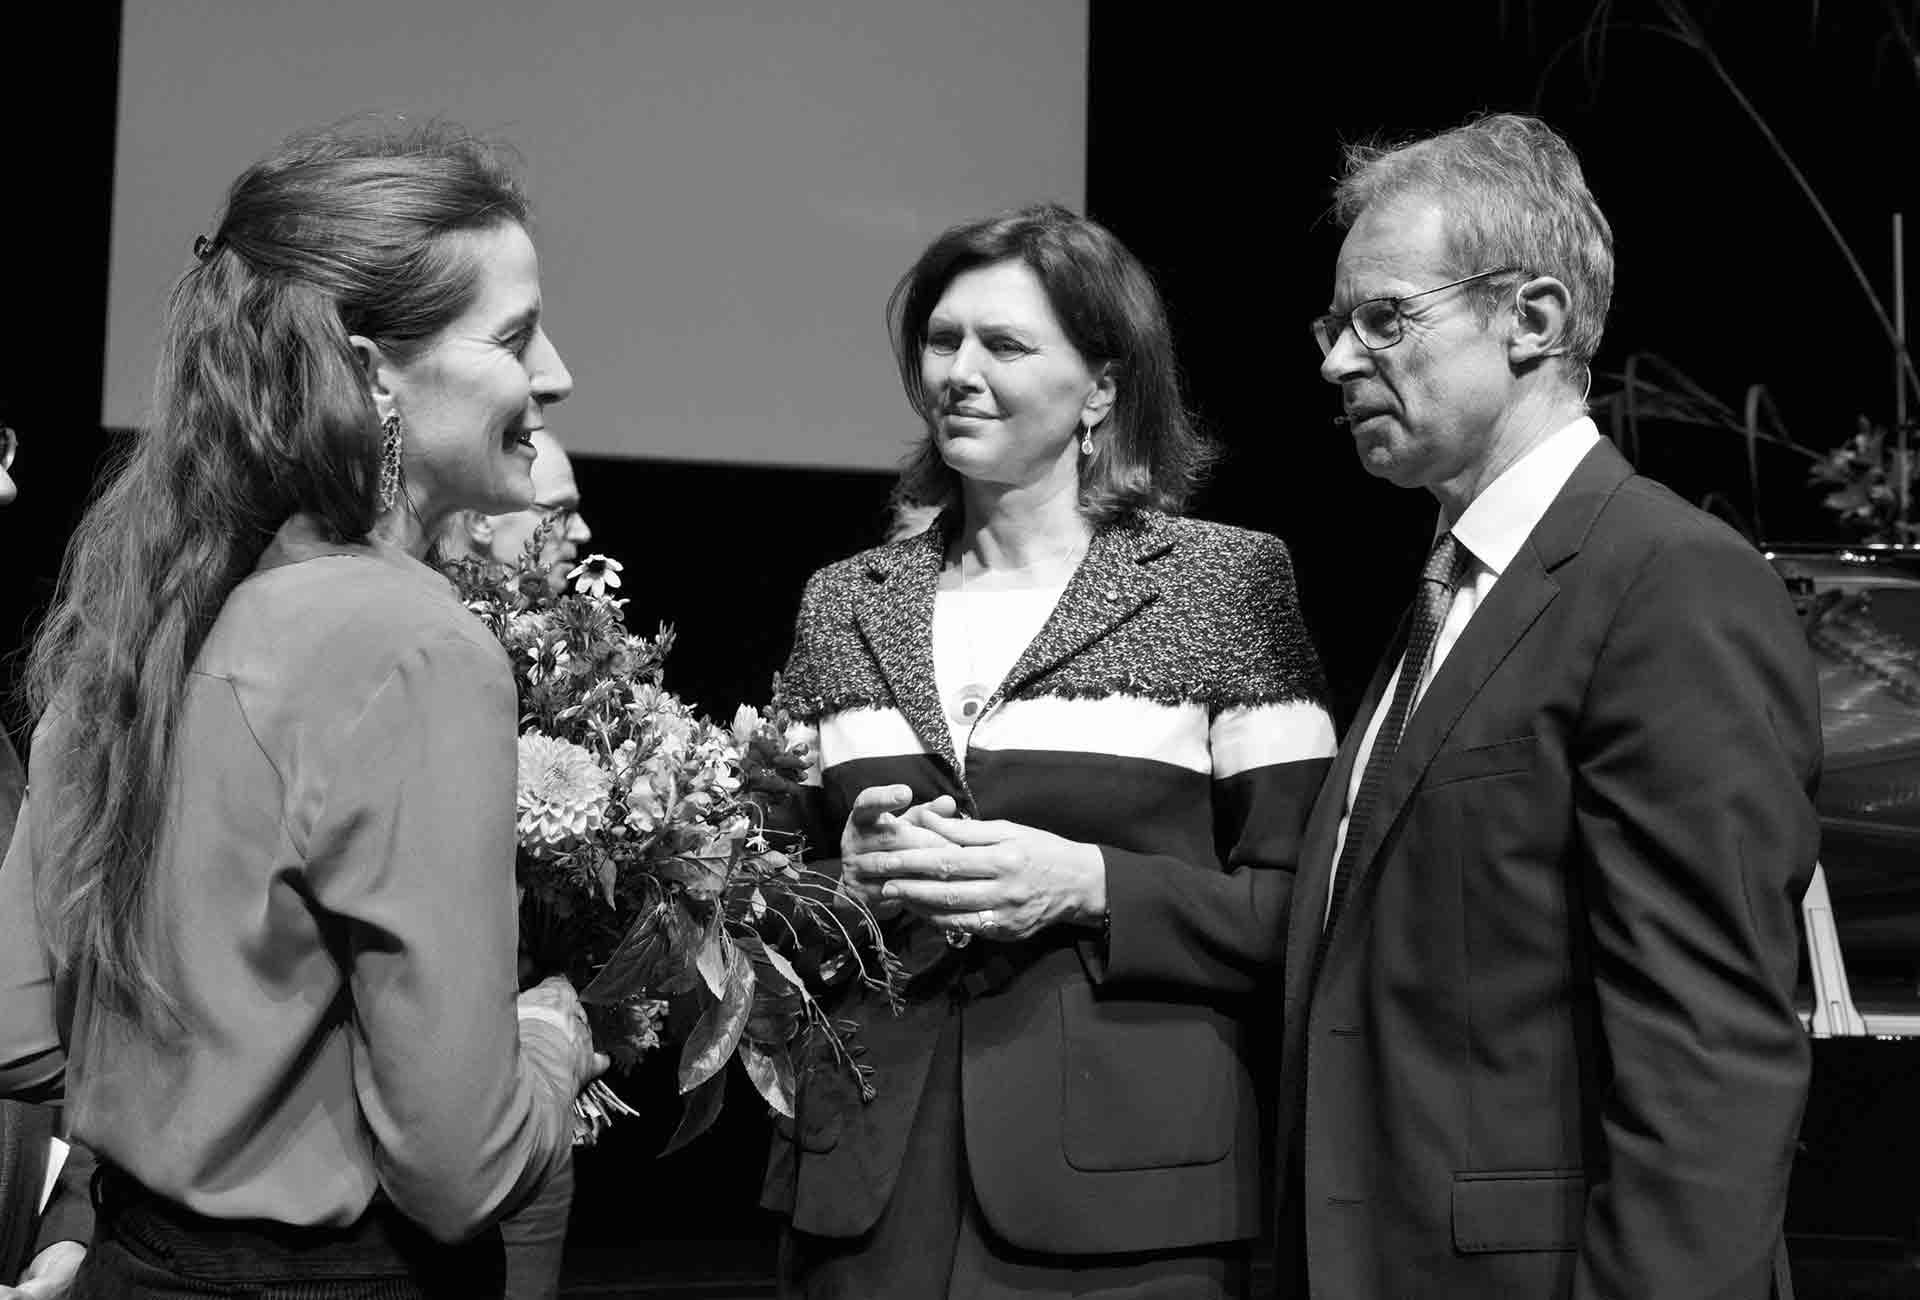 Danner-Stiftung, Ilse-Aigner, Barbara-Schrobenhauser, Gert-Bruckner_Danner-Stiftung, Photo-Eva-Jünger